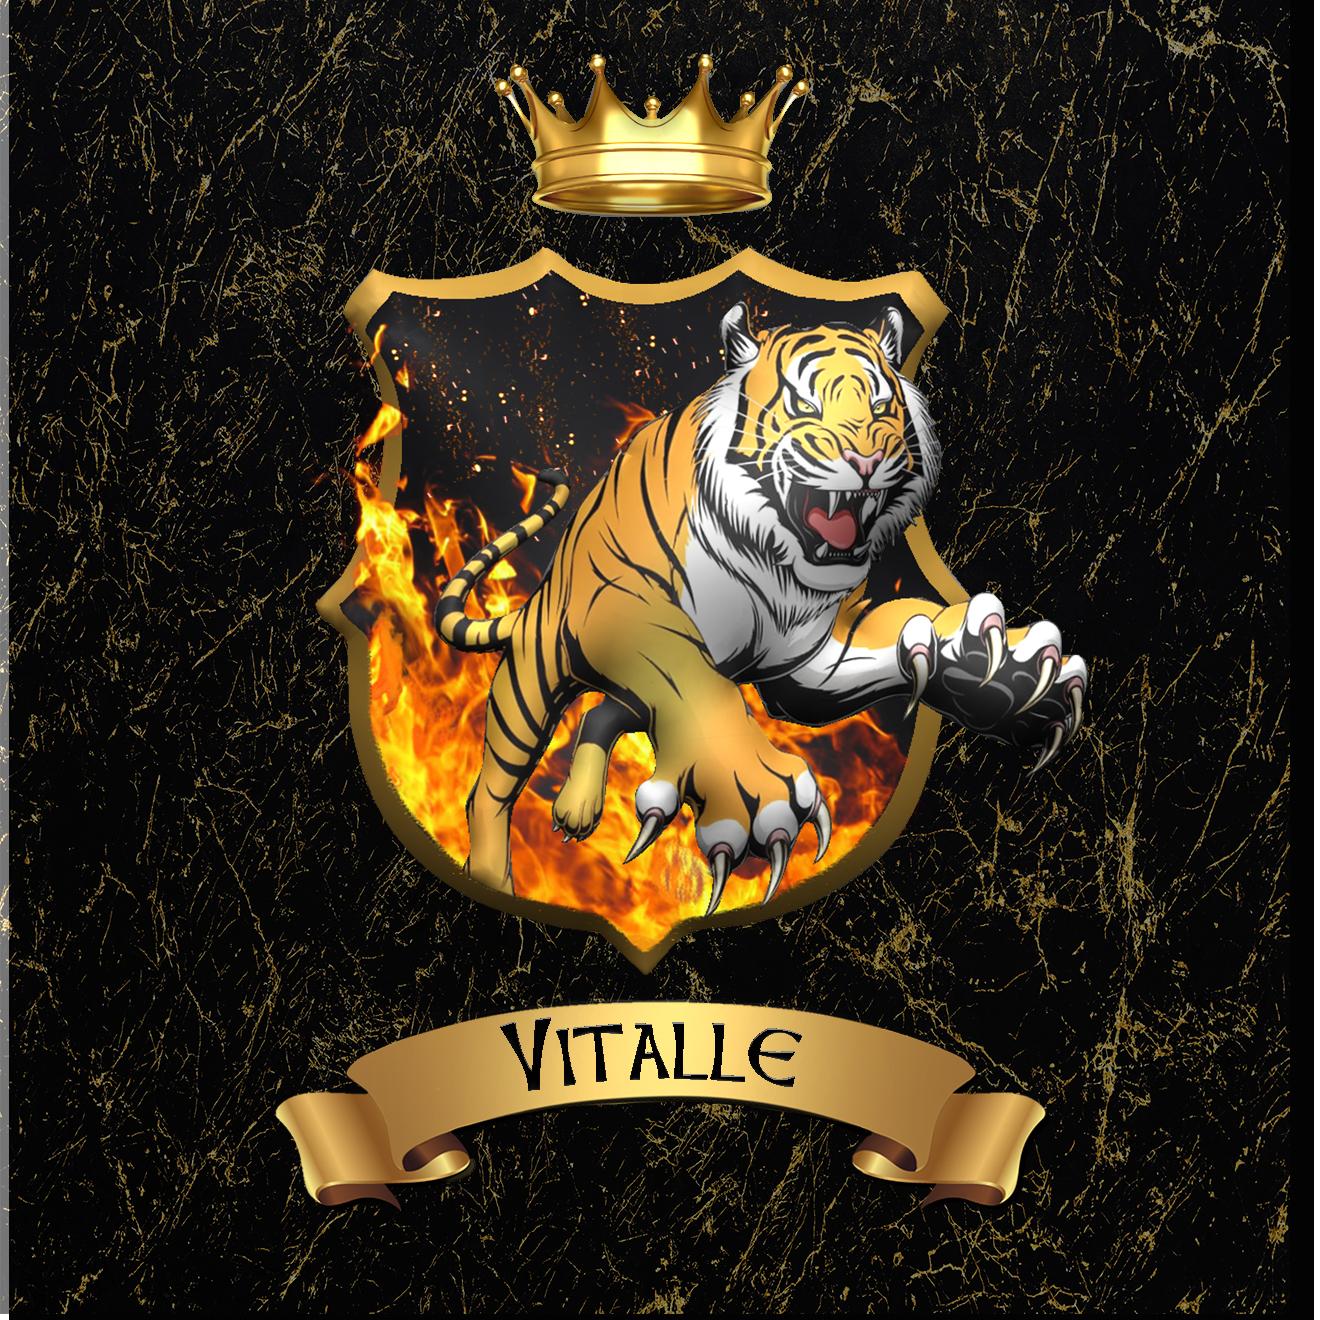 Família Vitalle - New Time